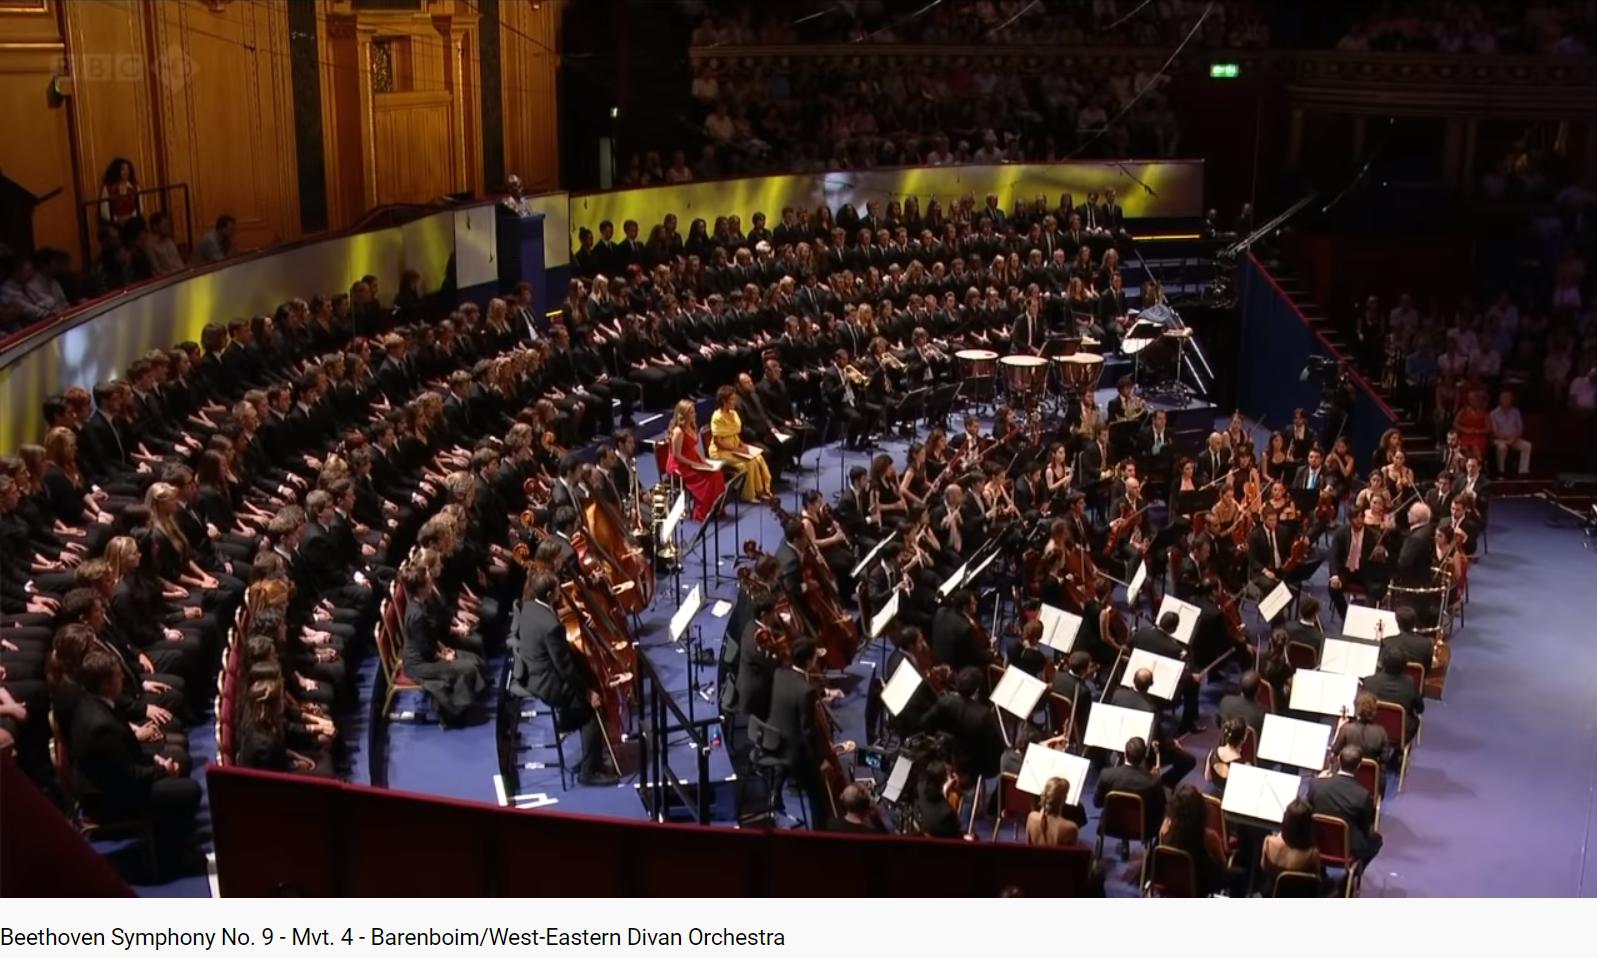 Beethoven 9e symphonie 4e mouvement